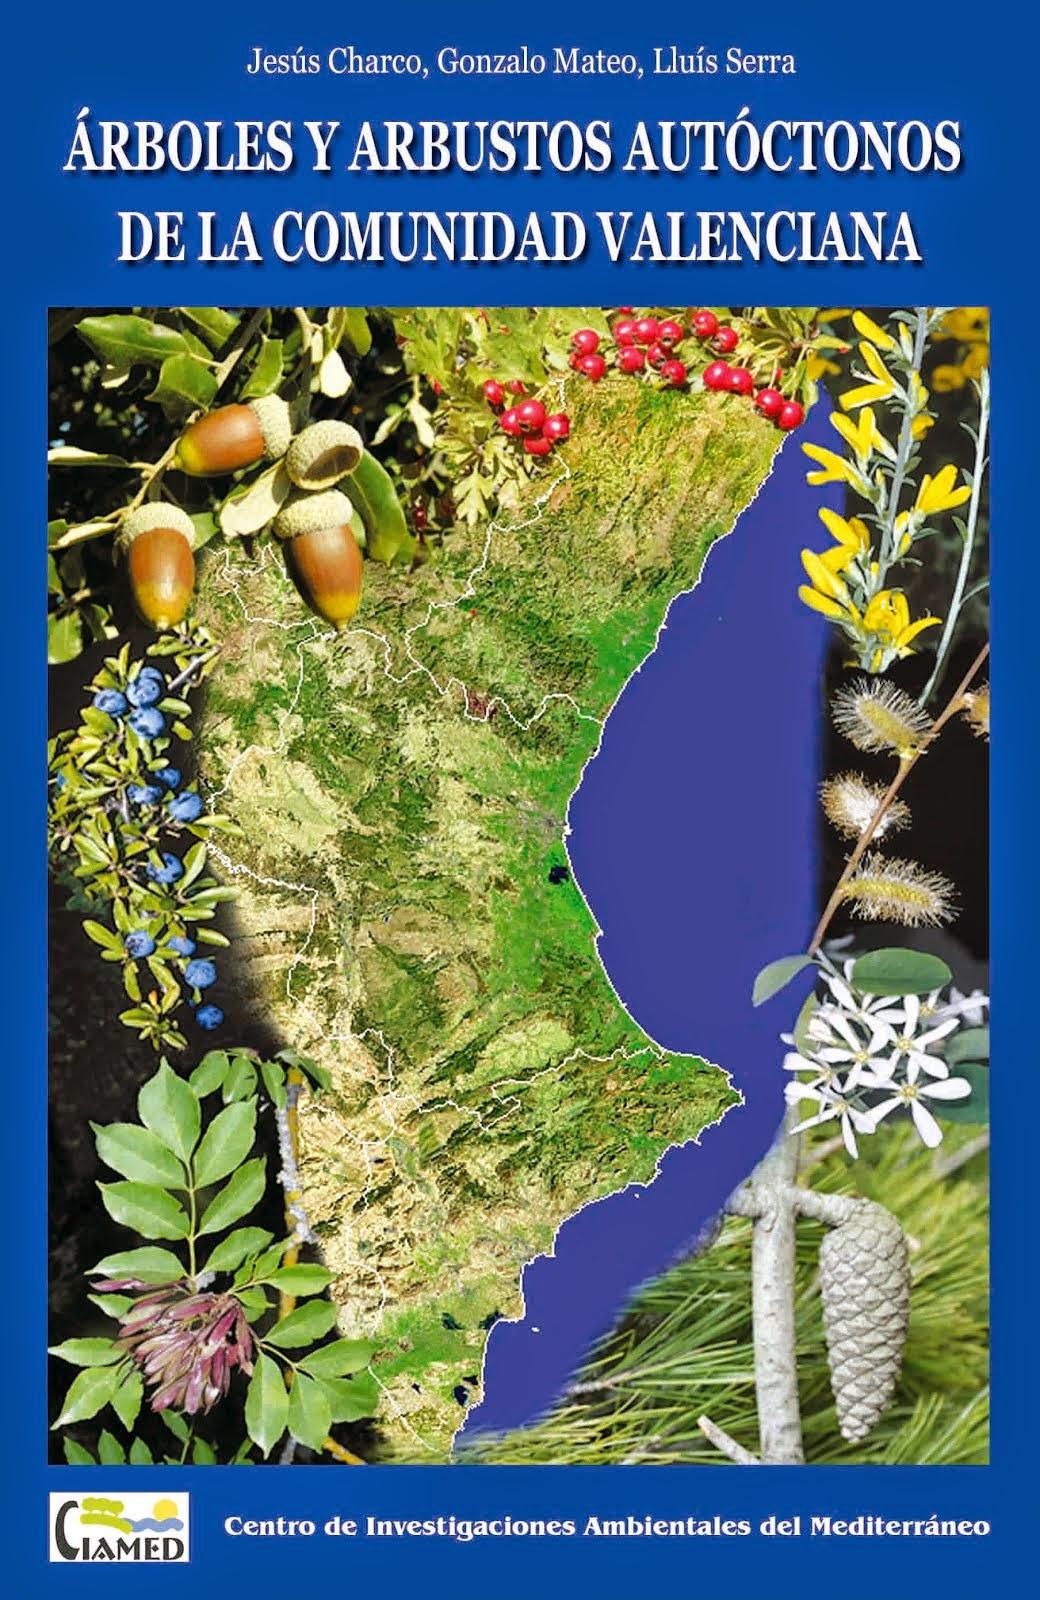 Arboles y arbustos autóctonos de la Comunidad Valenciana